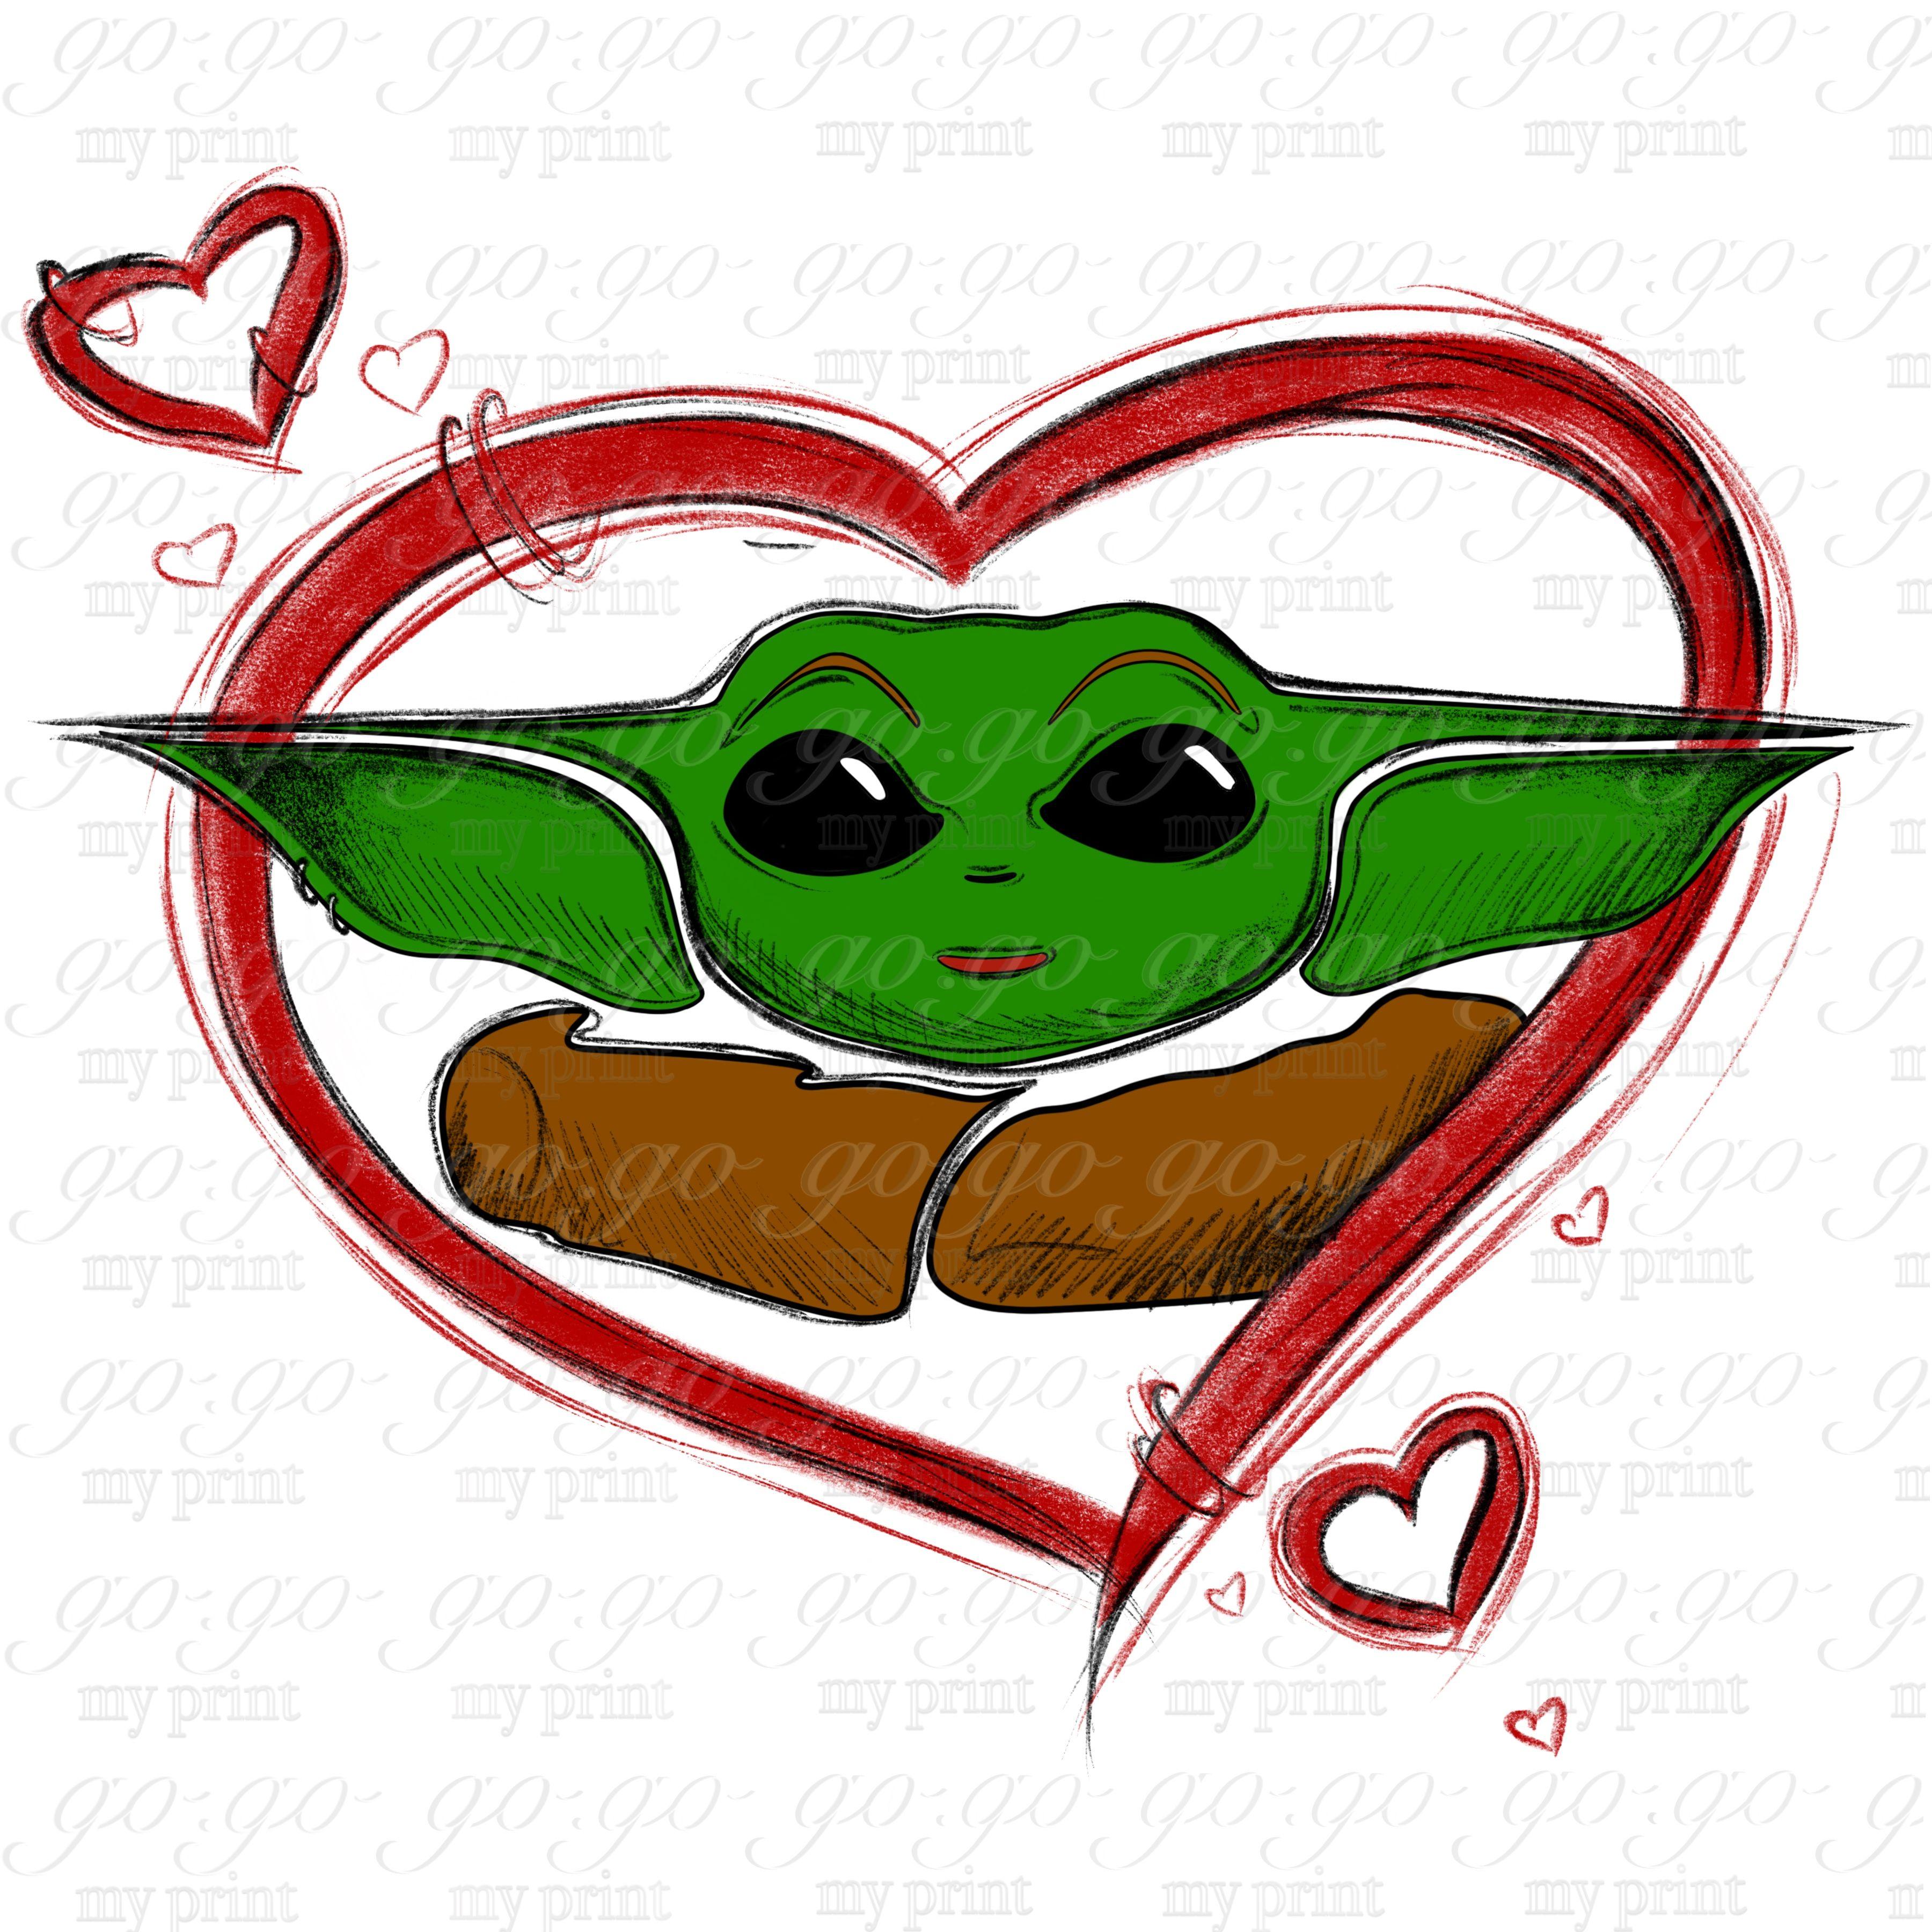 Baby Yoda Sublimation Yoda Baby Png Star Wars Baby Yoda Png Valentine Png Yoda Png Yoda Valentine Cards Yoda Art